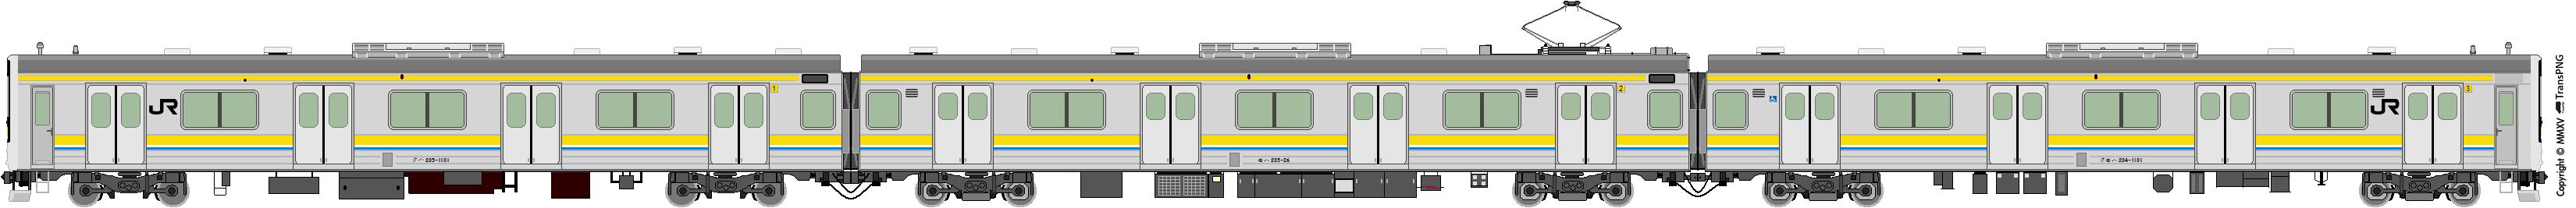 [5566] 東日本旅客鉄道 5566